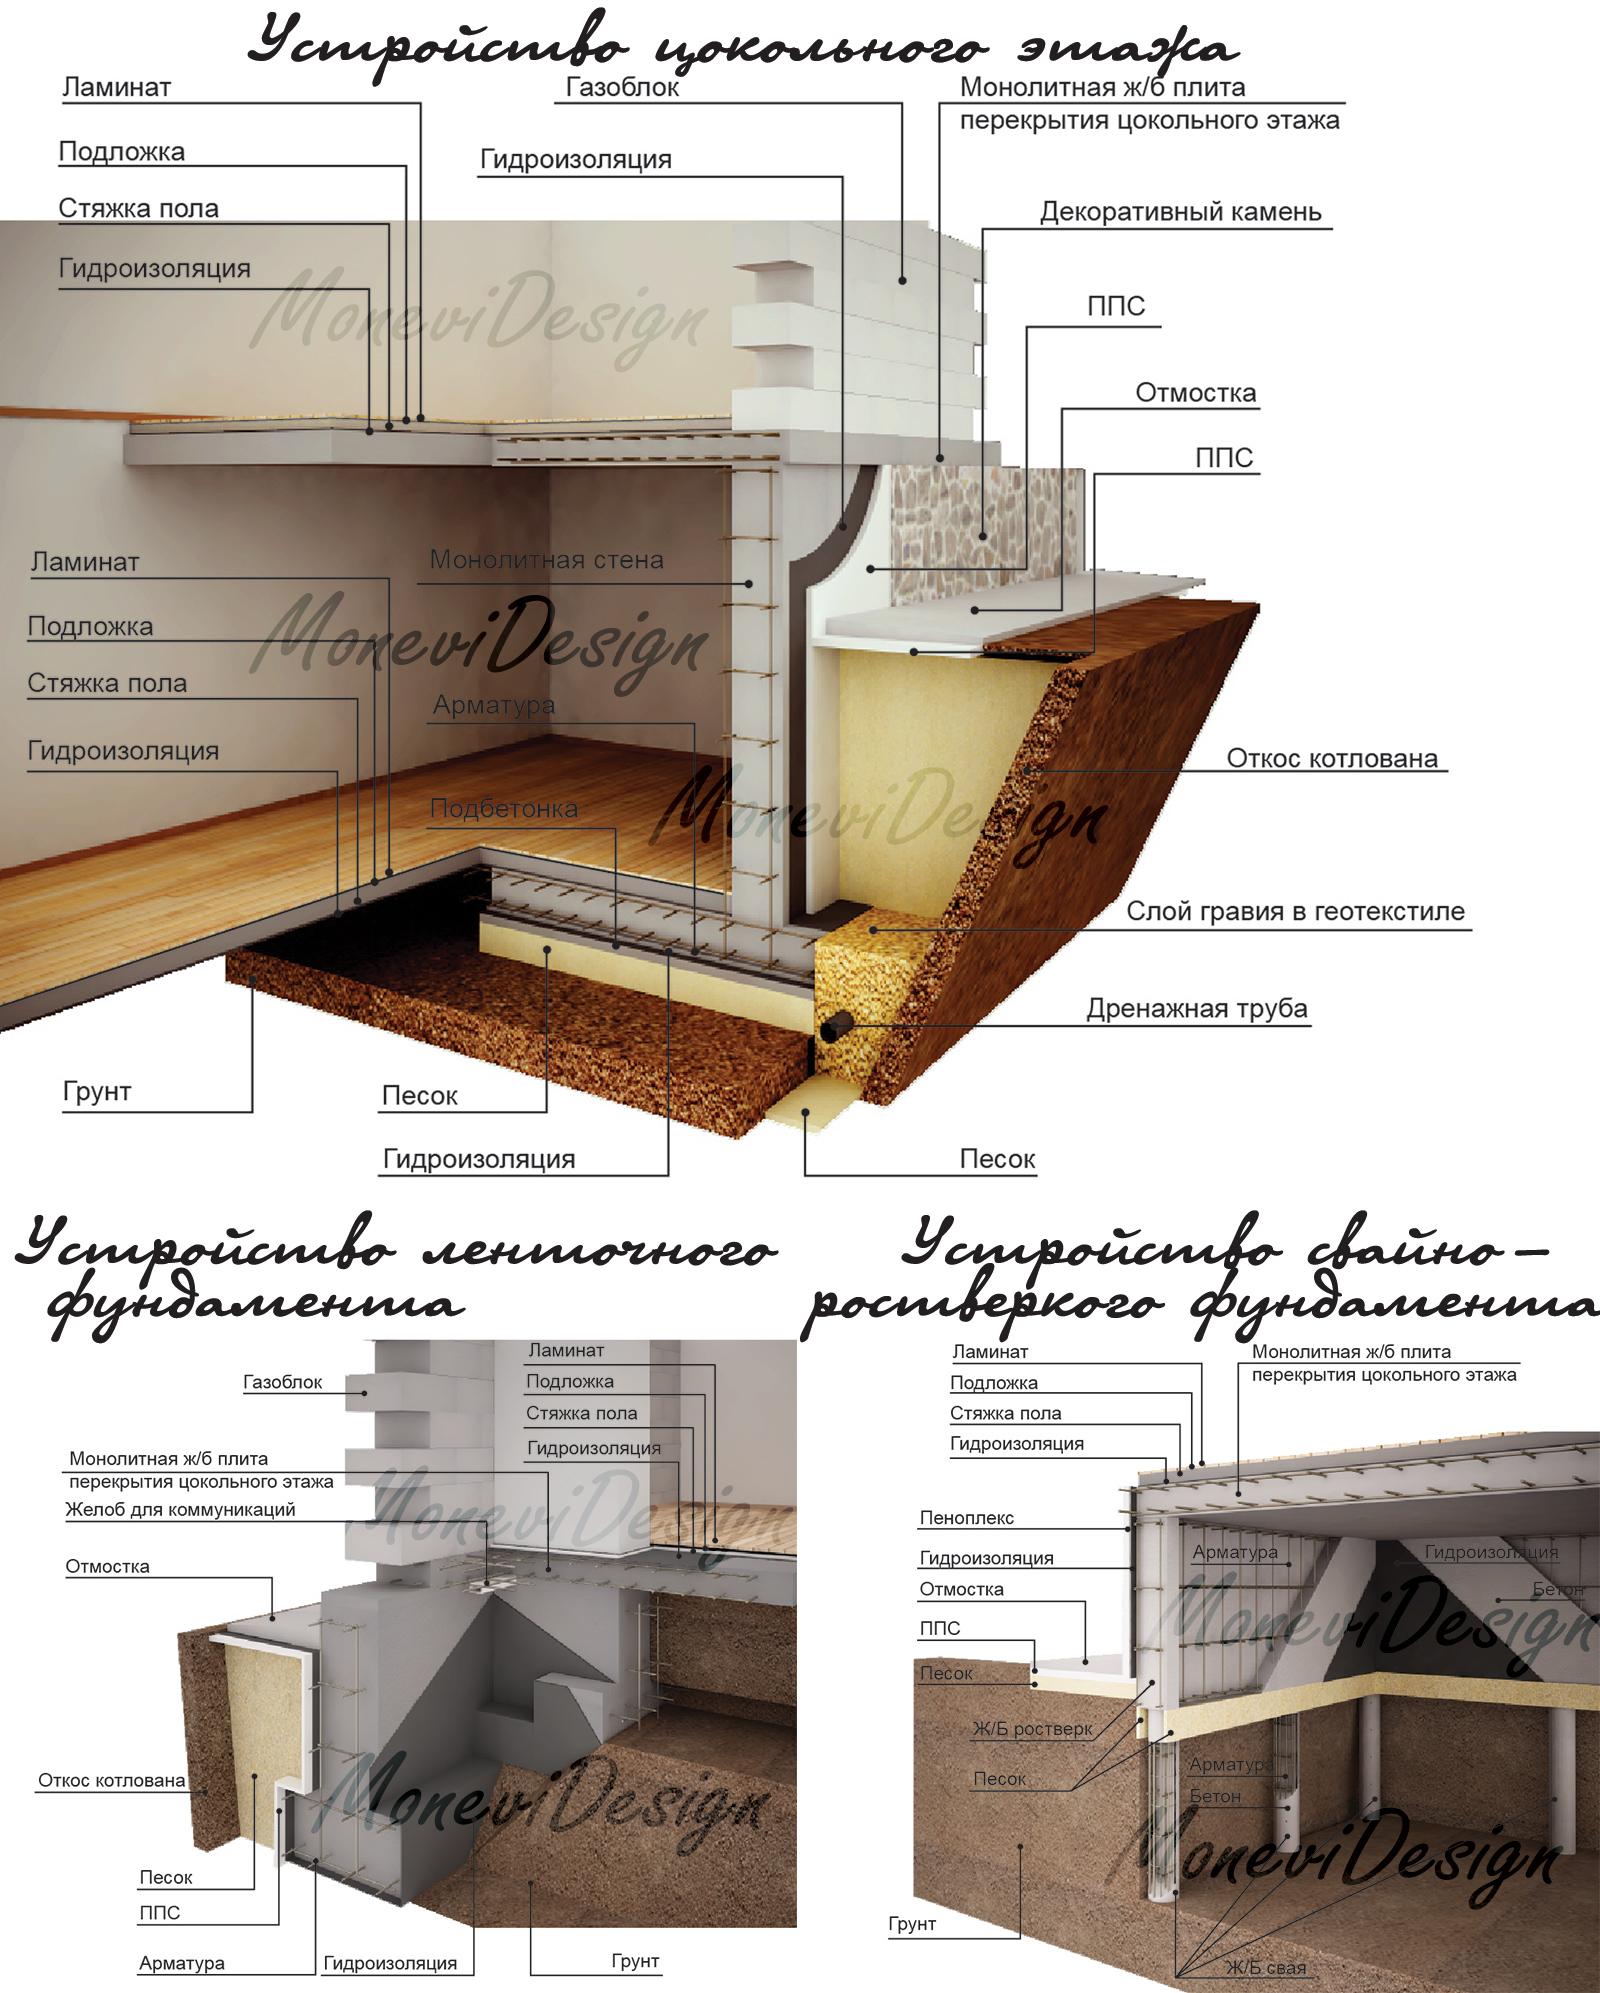 Конструктивные схемы фундаментов и цокольного этажа